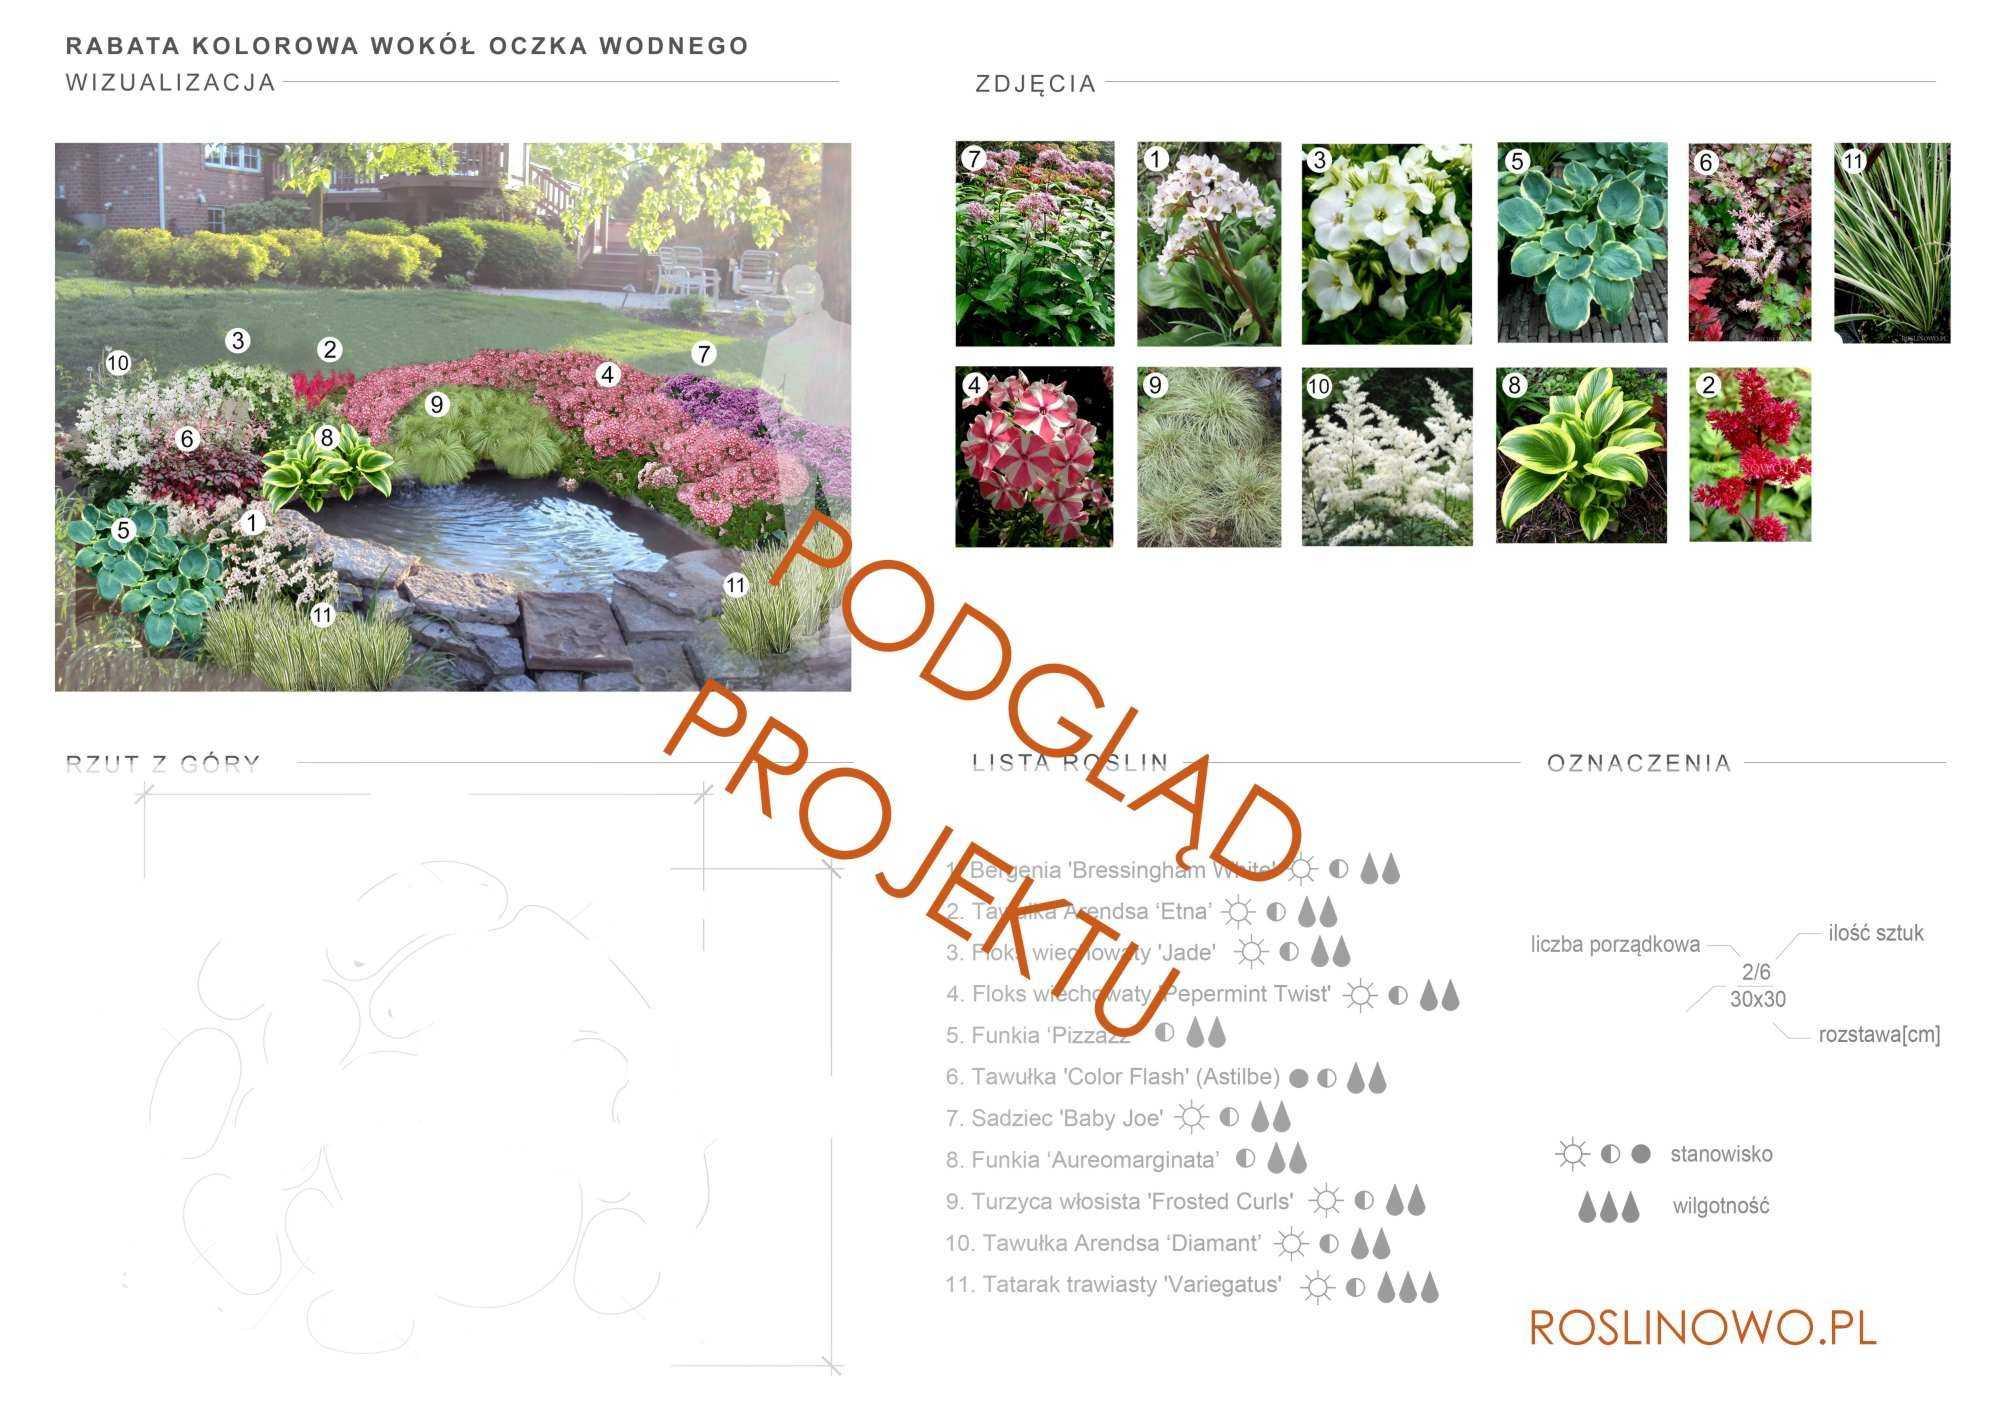 projekt nasadzeń roślin rabaty bylinowej wokół oczka wodnego